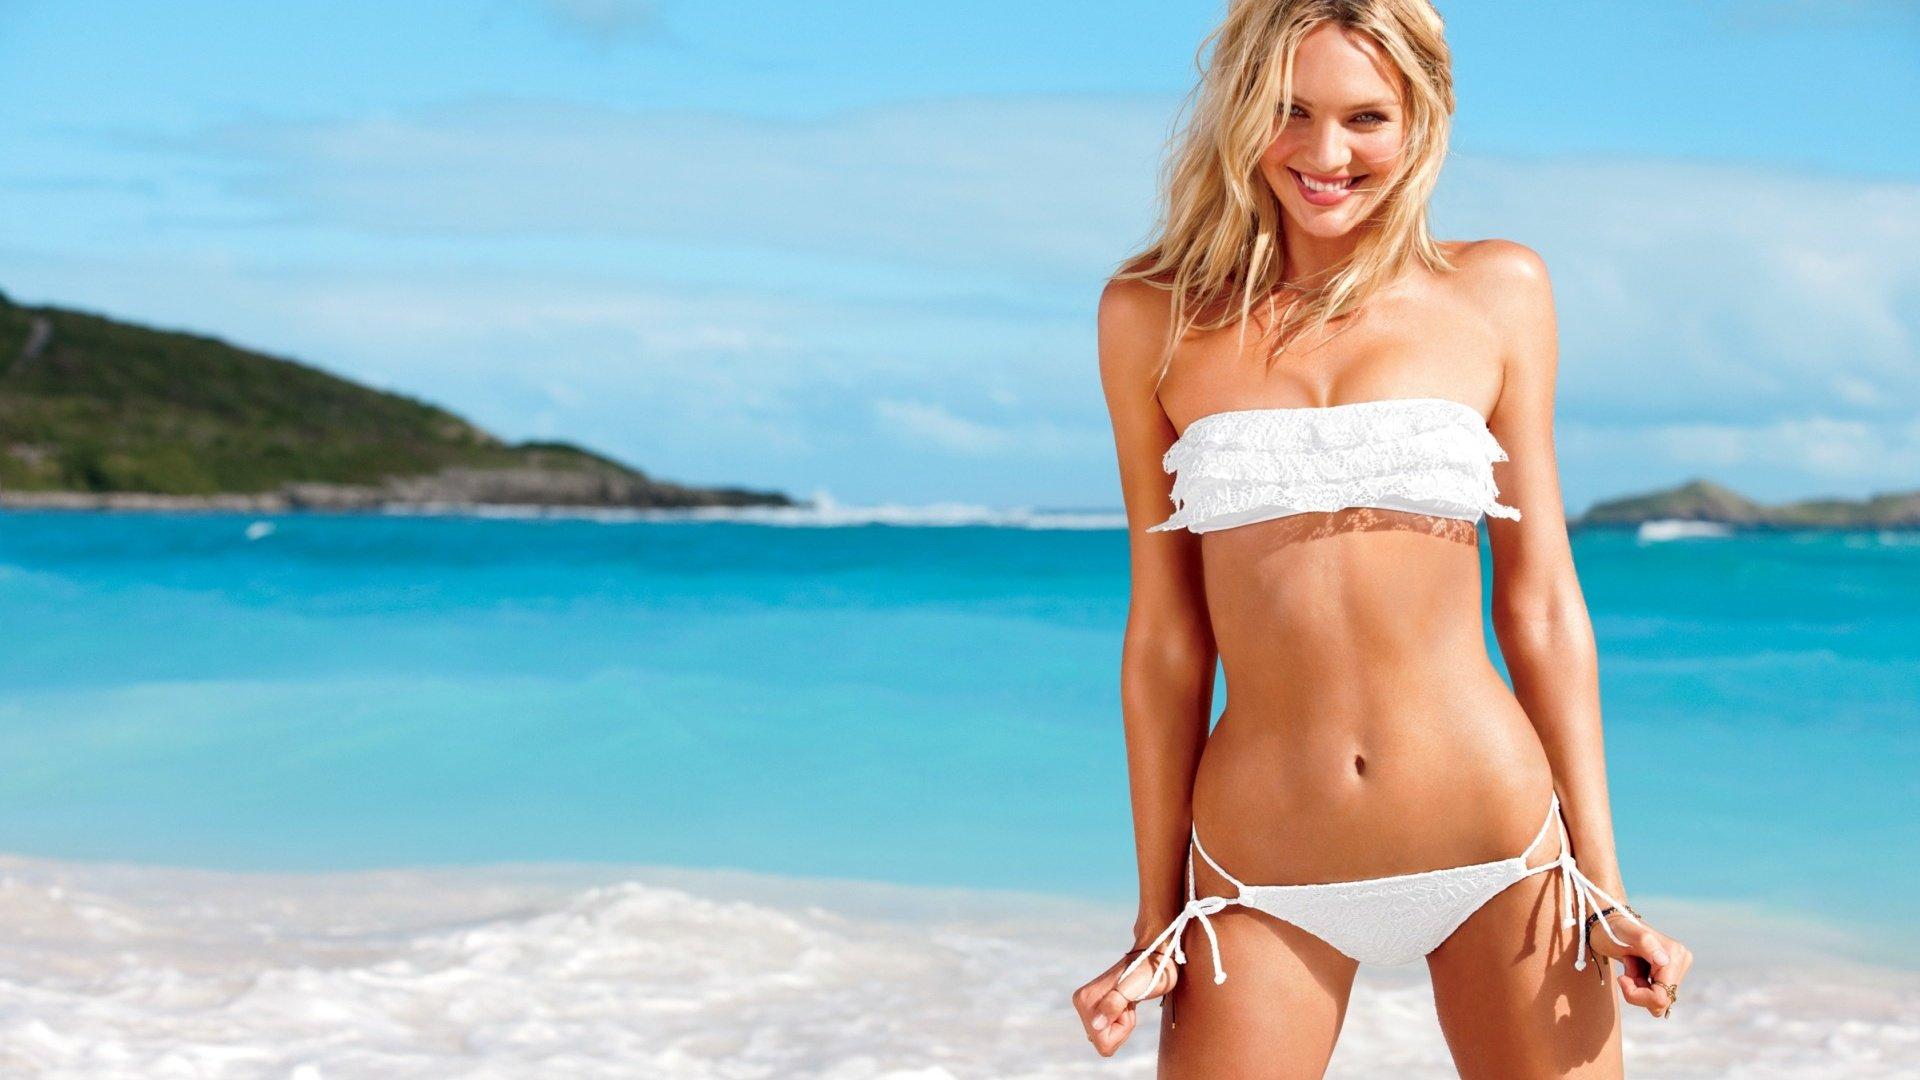 Картинки блондинки на пляже в купальниках